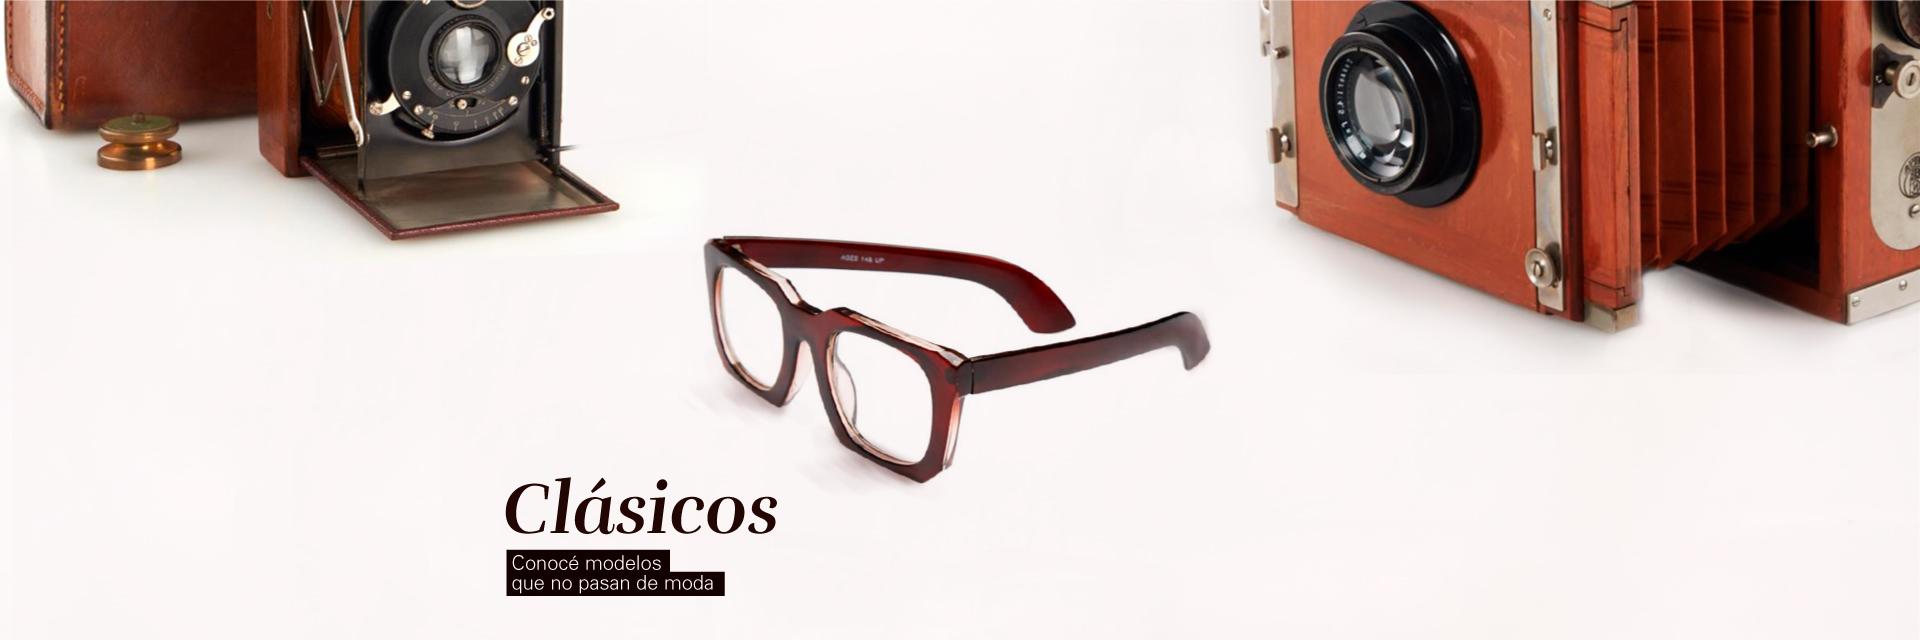 clásicos-640